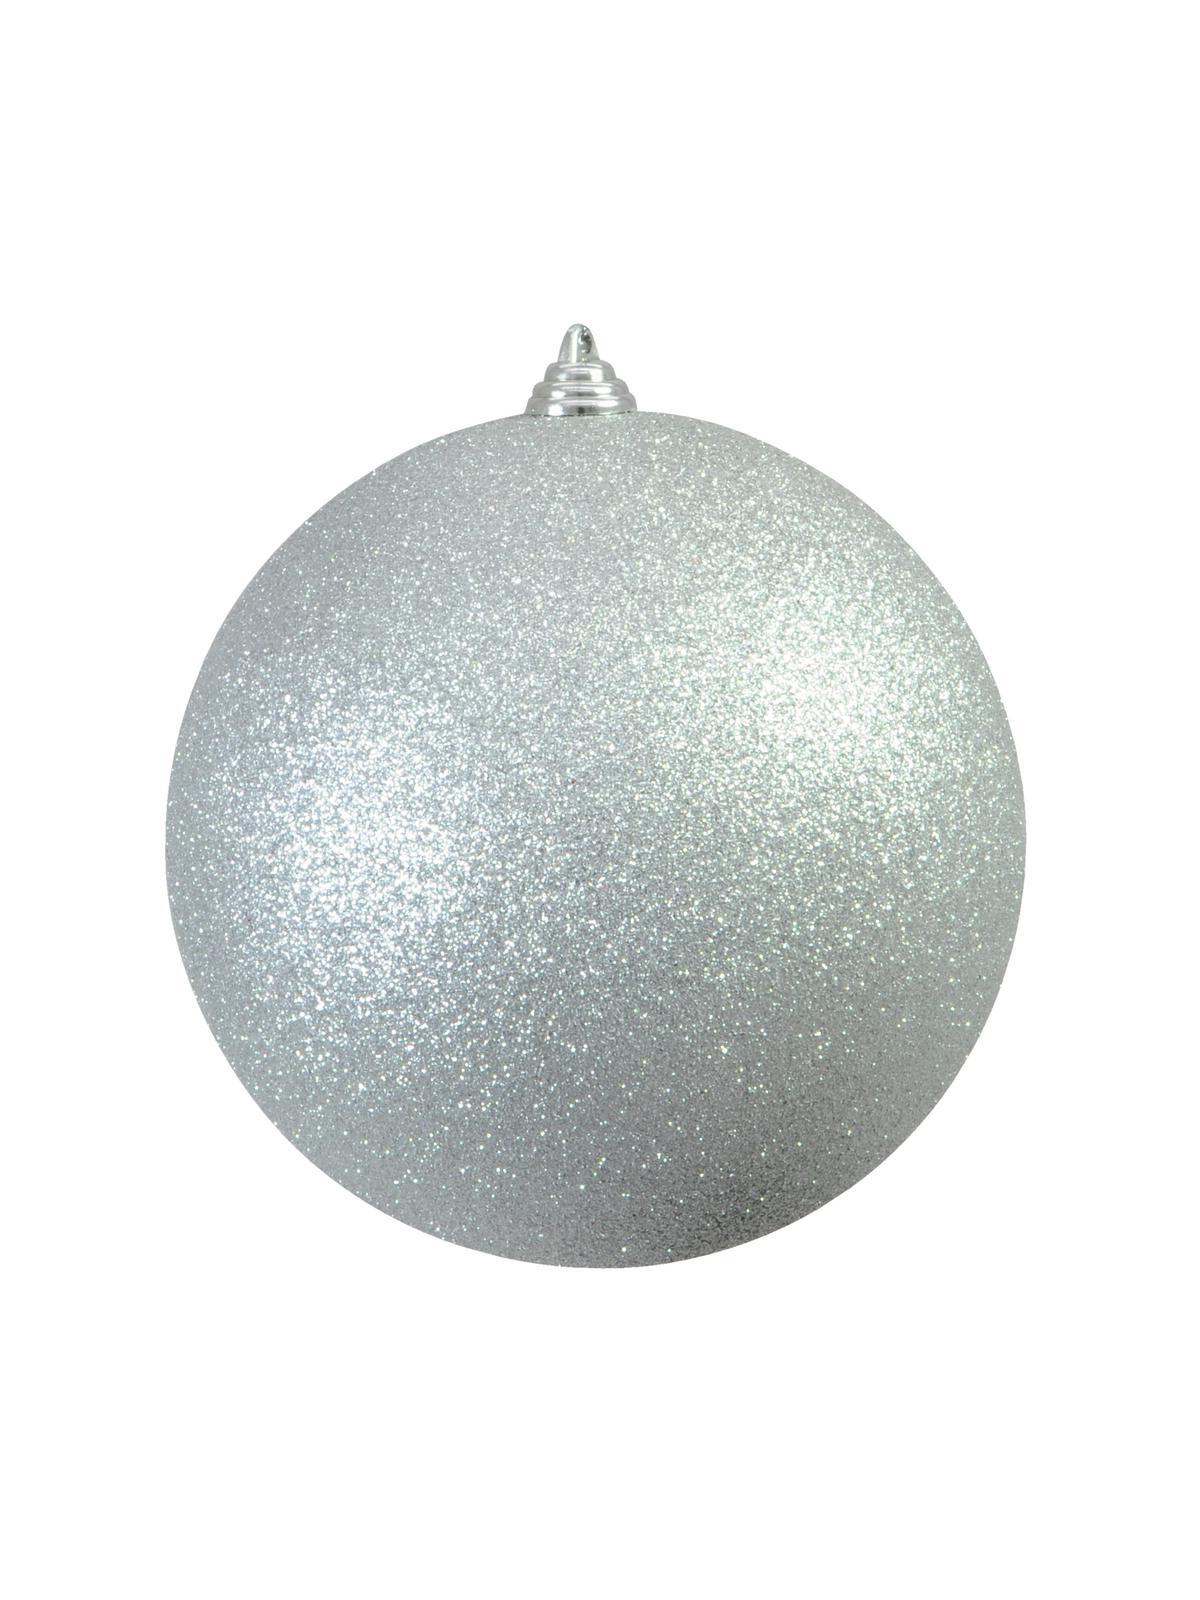 Vánoční dekorační ozdoba, 20 cm, stříbrná se třpytkami, 1 ks